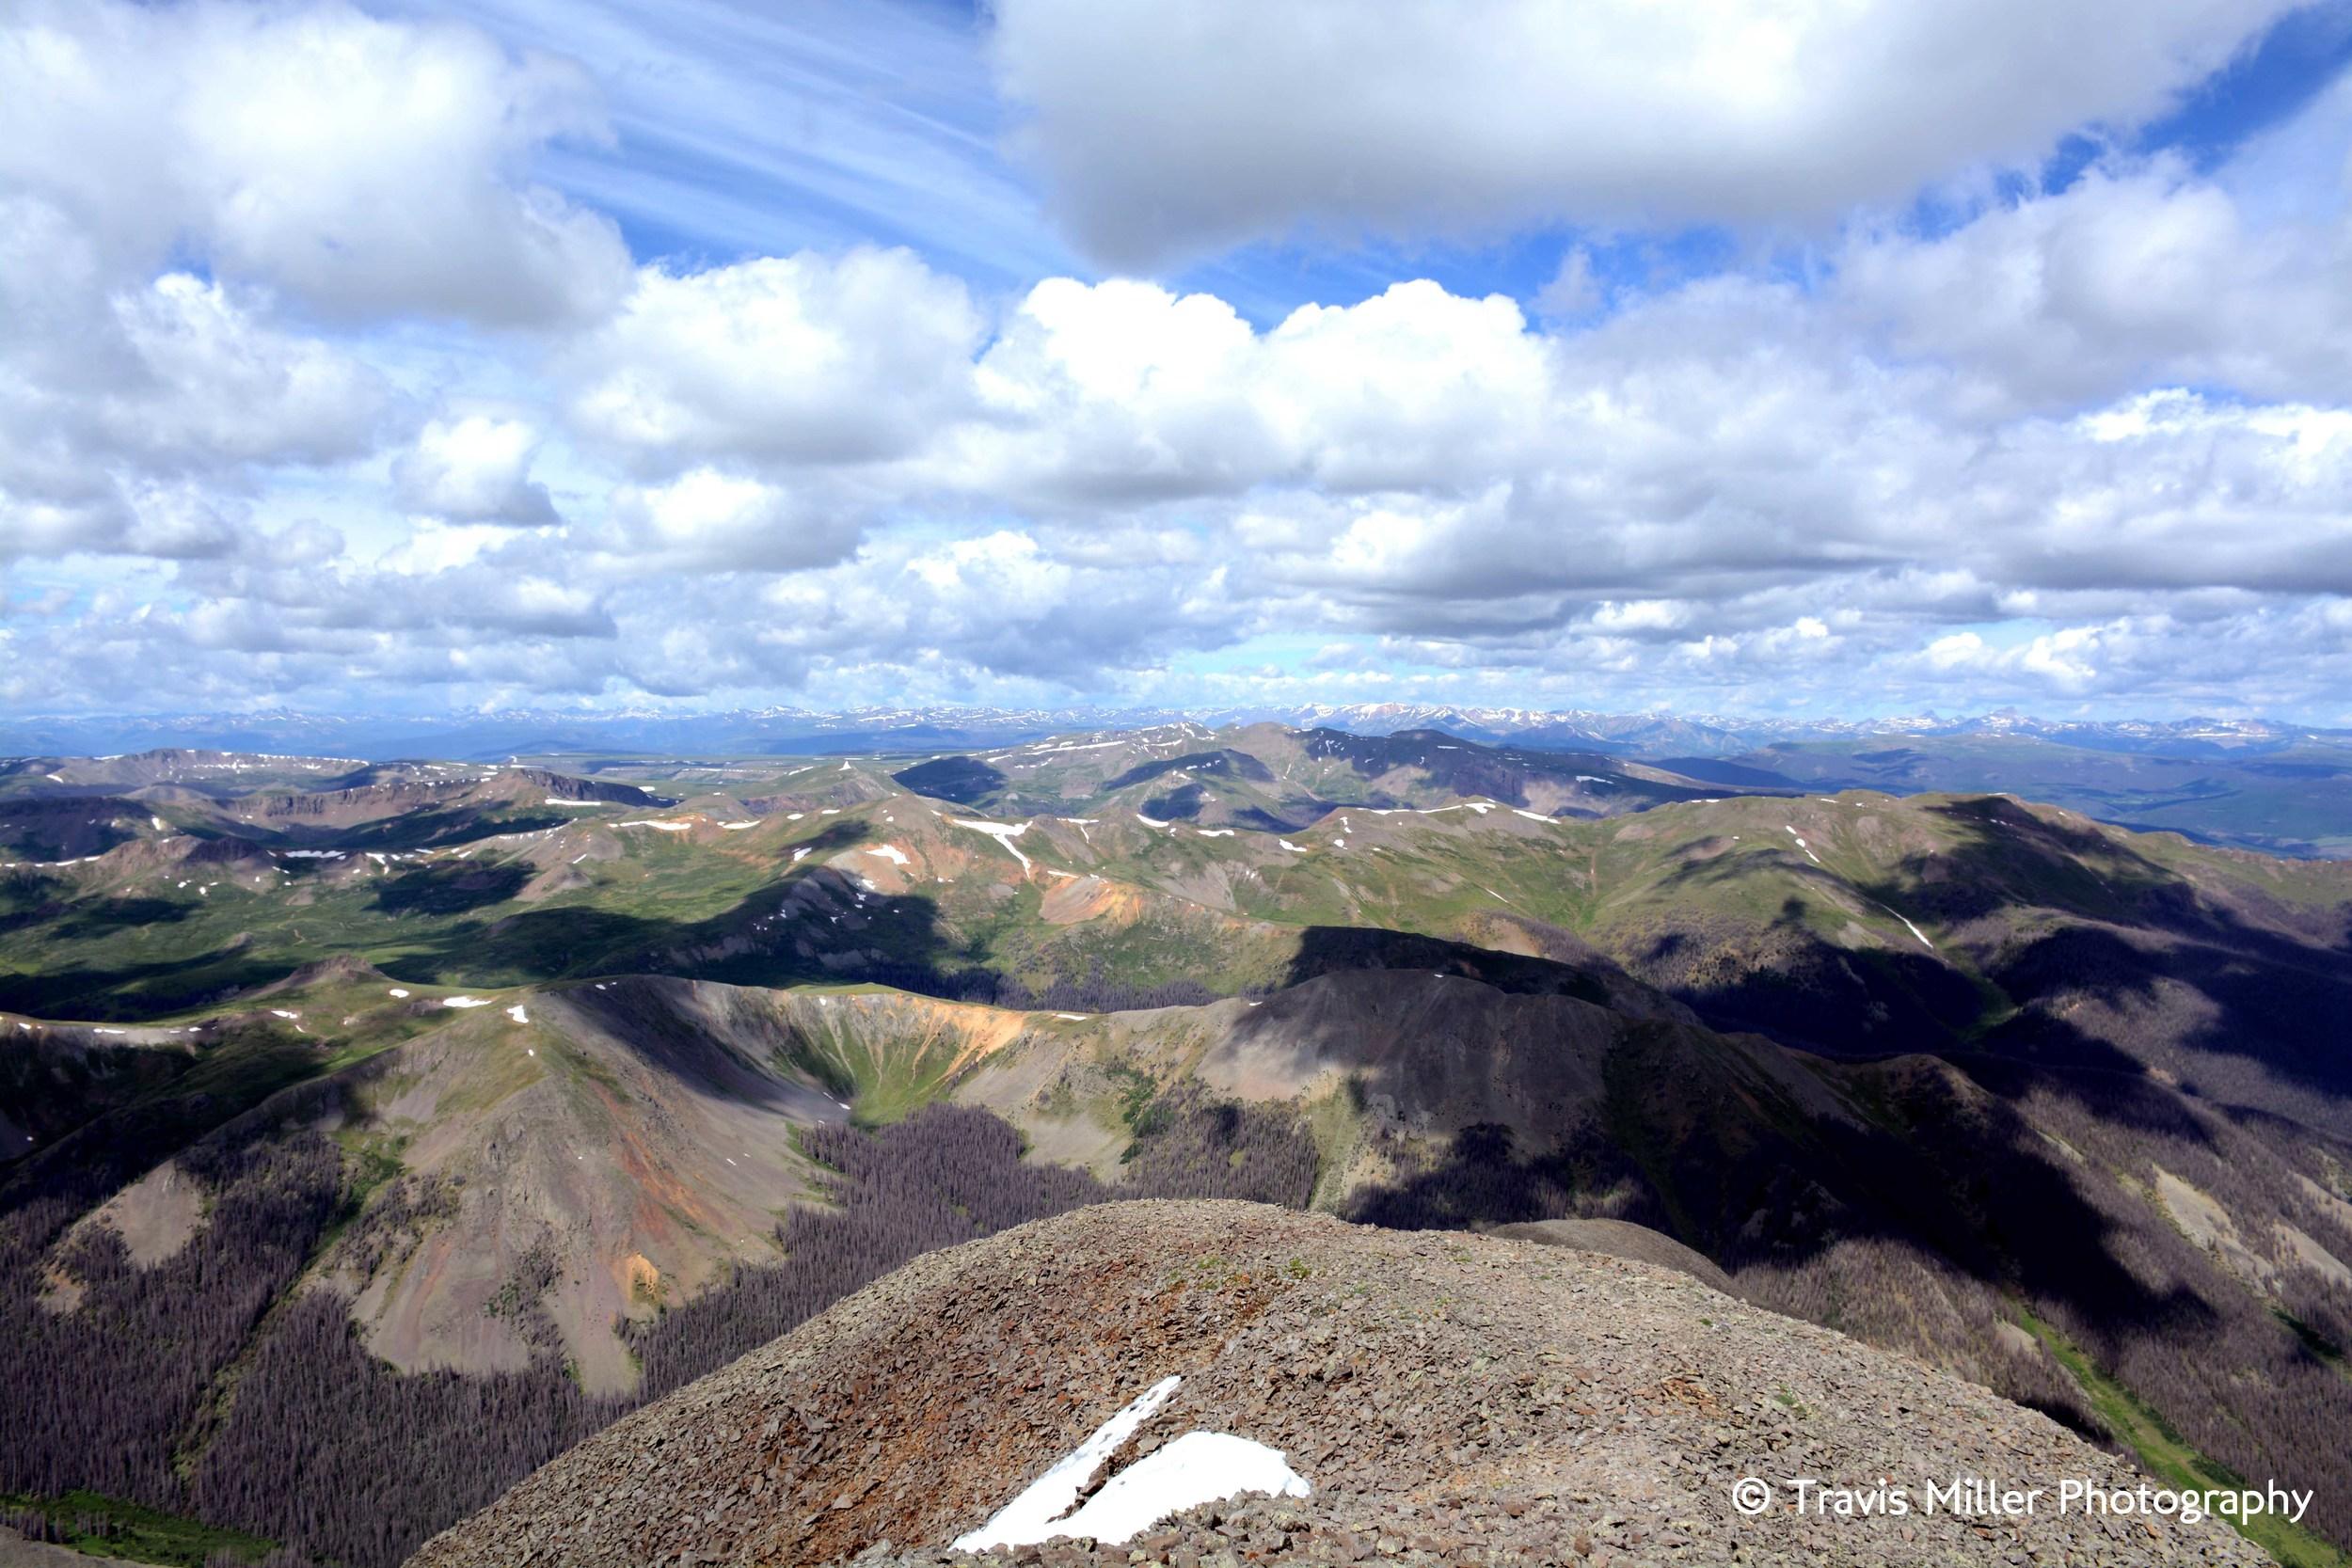 The View from 14,014 /     La Garita Wilderness Area, CO